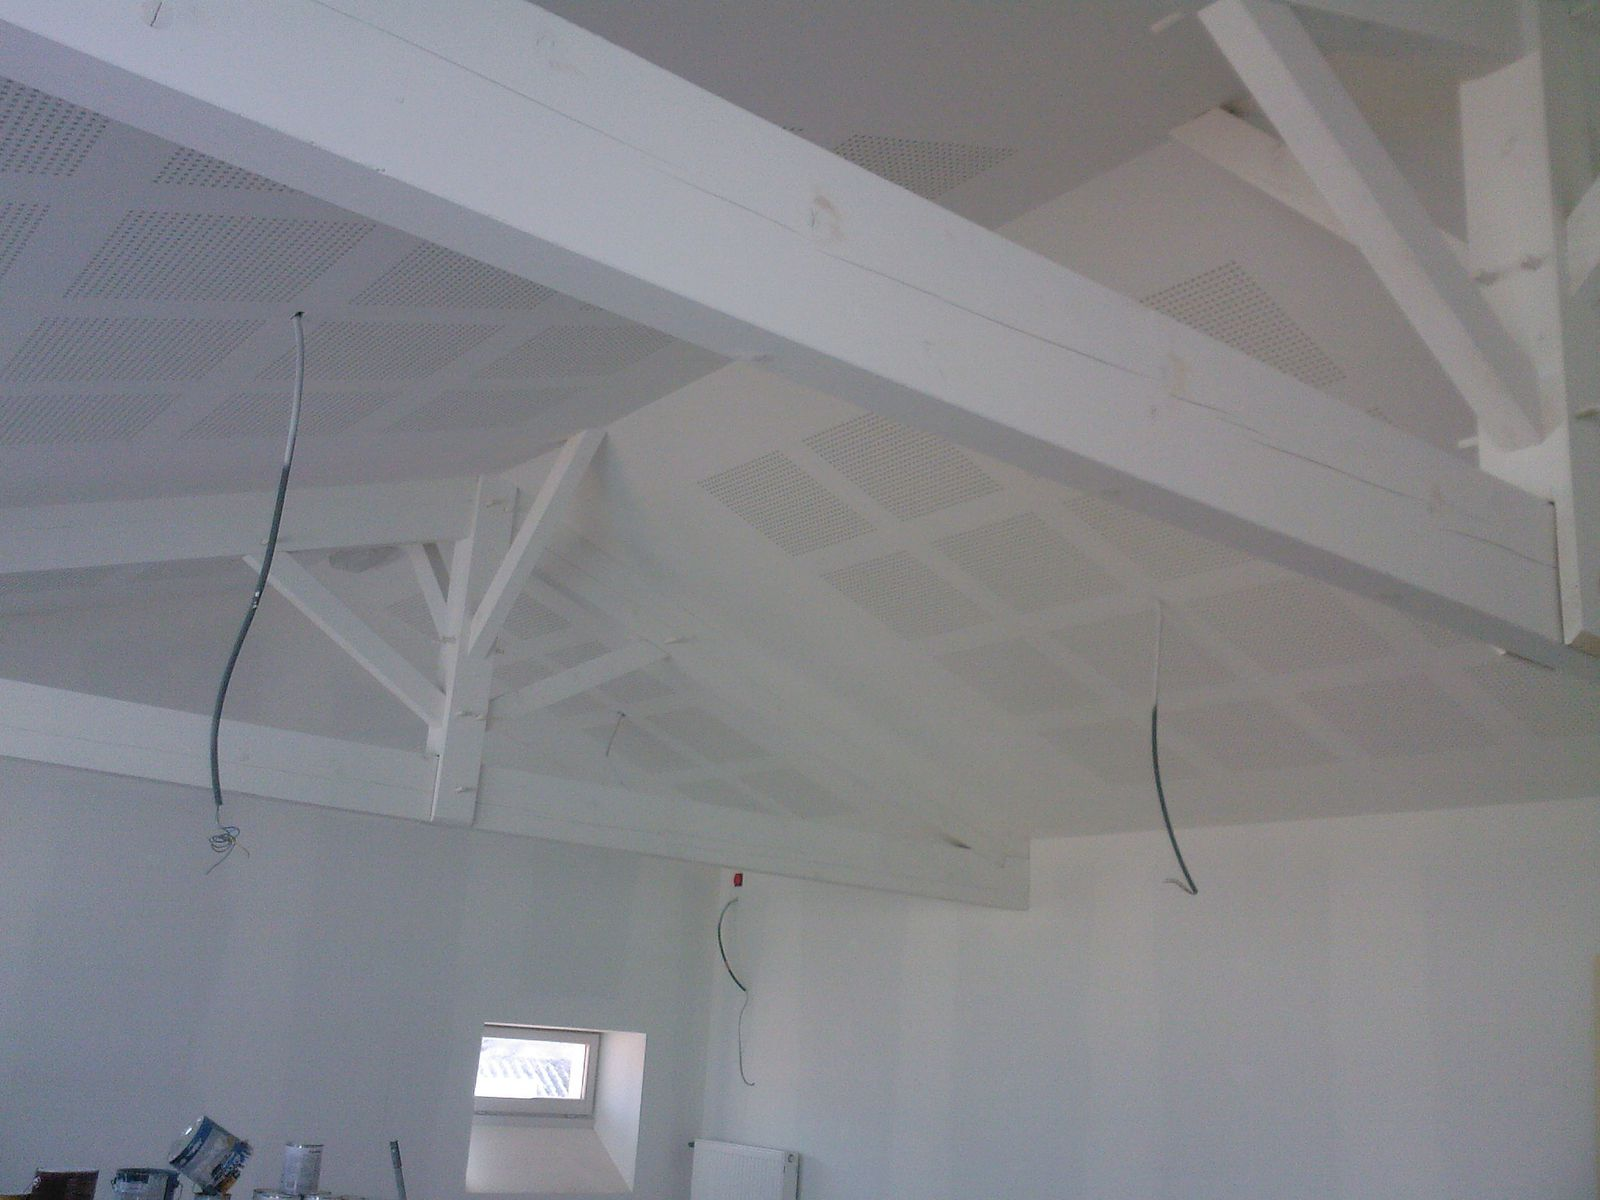 plafond ca auto entrepreneur 28 images imprimer exemple de devis faux plafond ba13 plafond